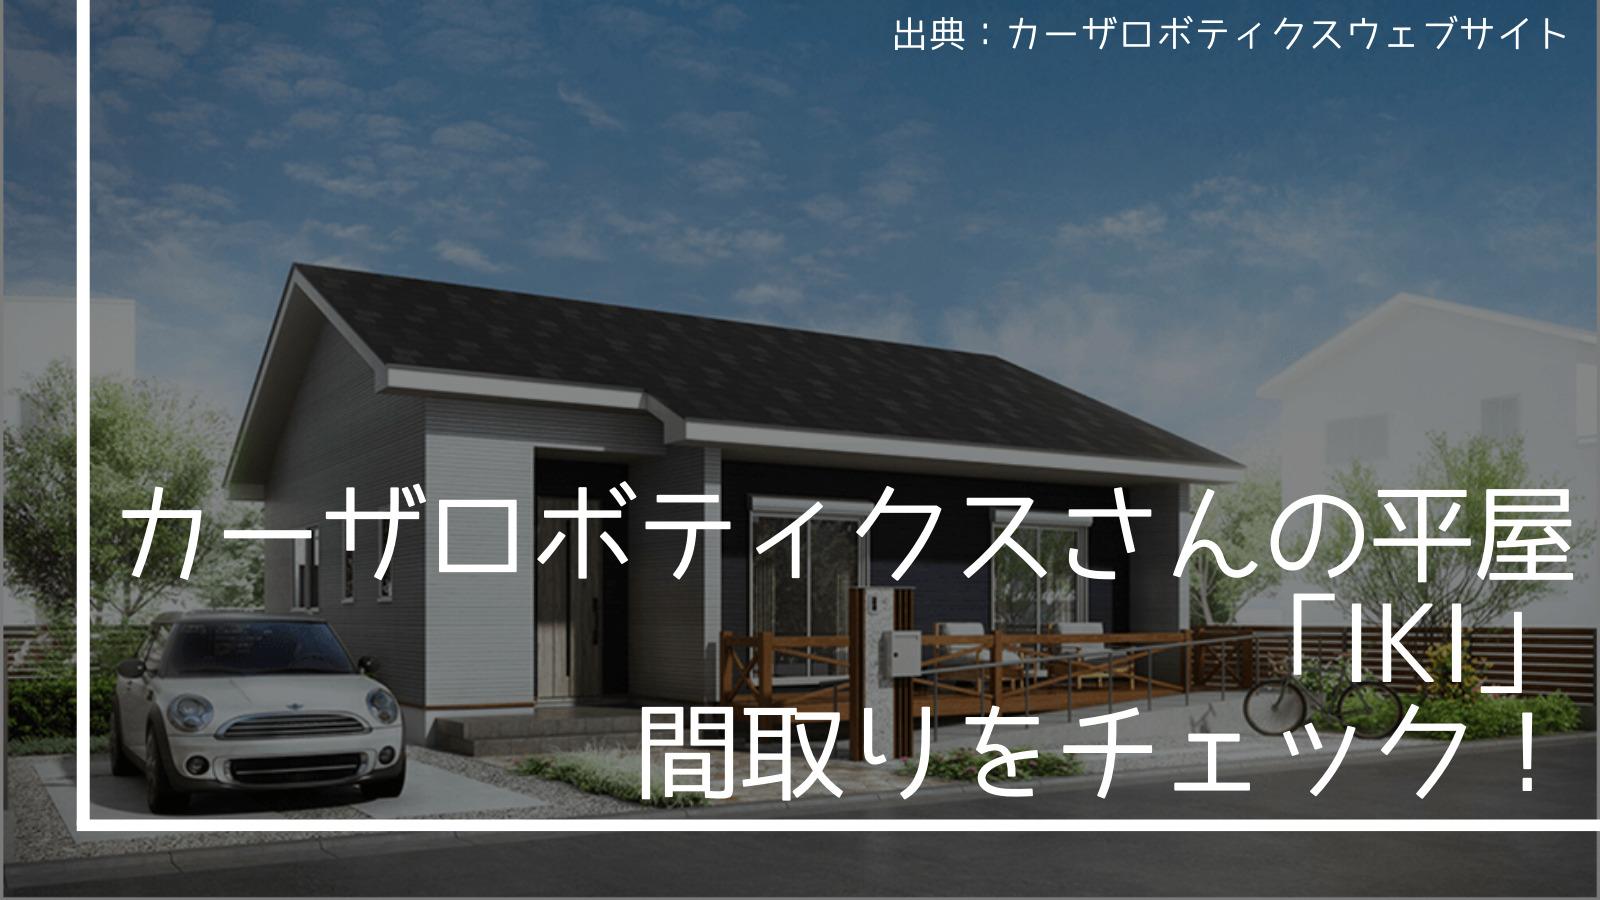 カーザロボティクスさんの平屋住宅「IKI」の間取りをチェック!【シンプル超ローコスト!】